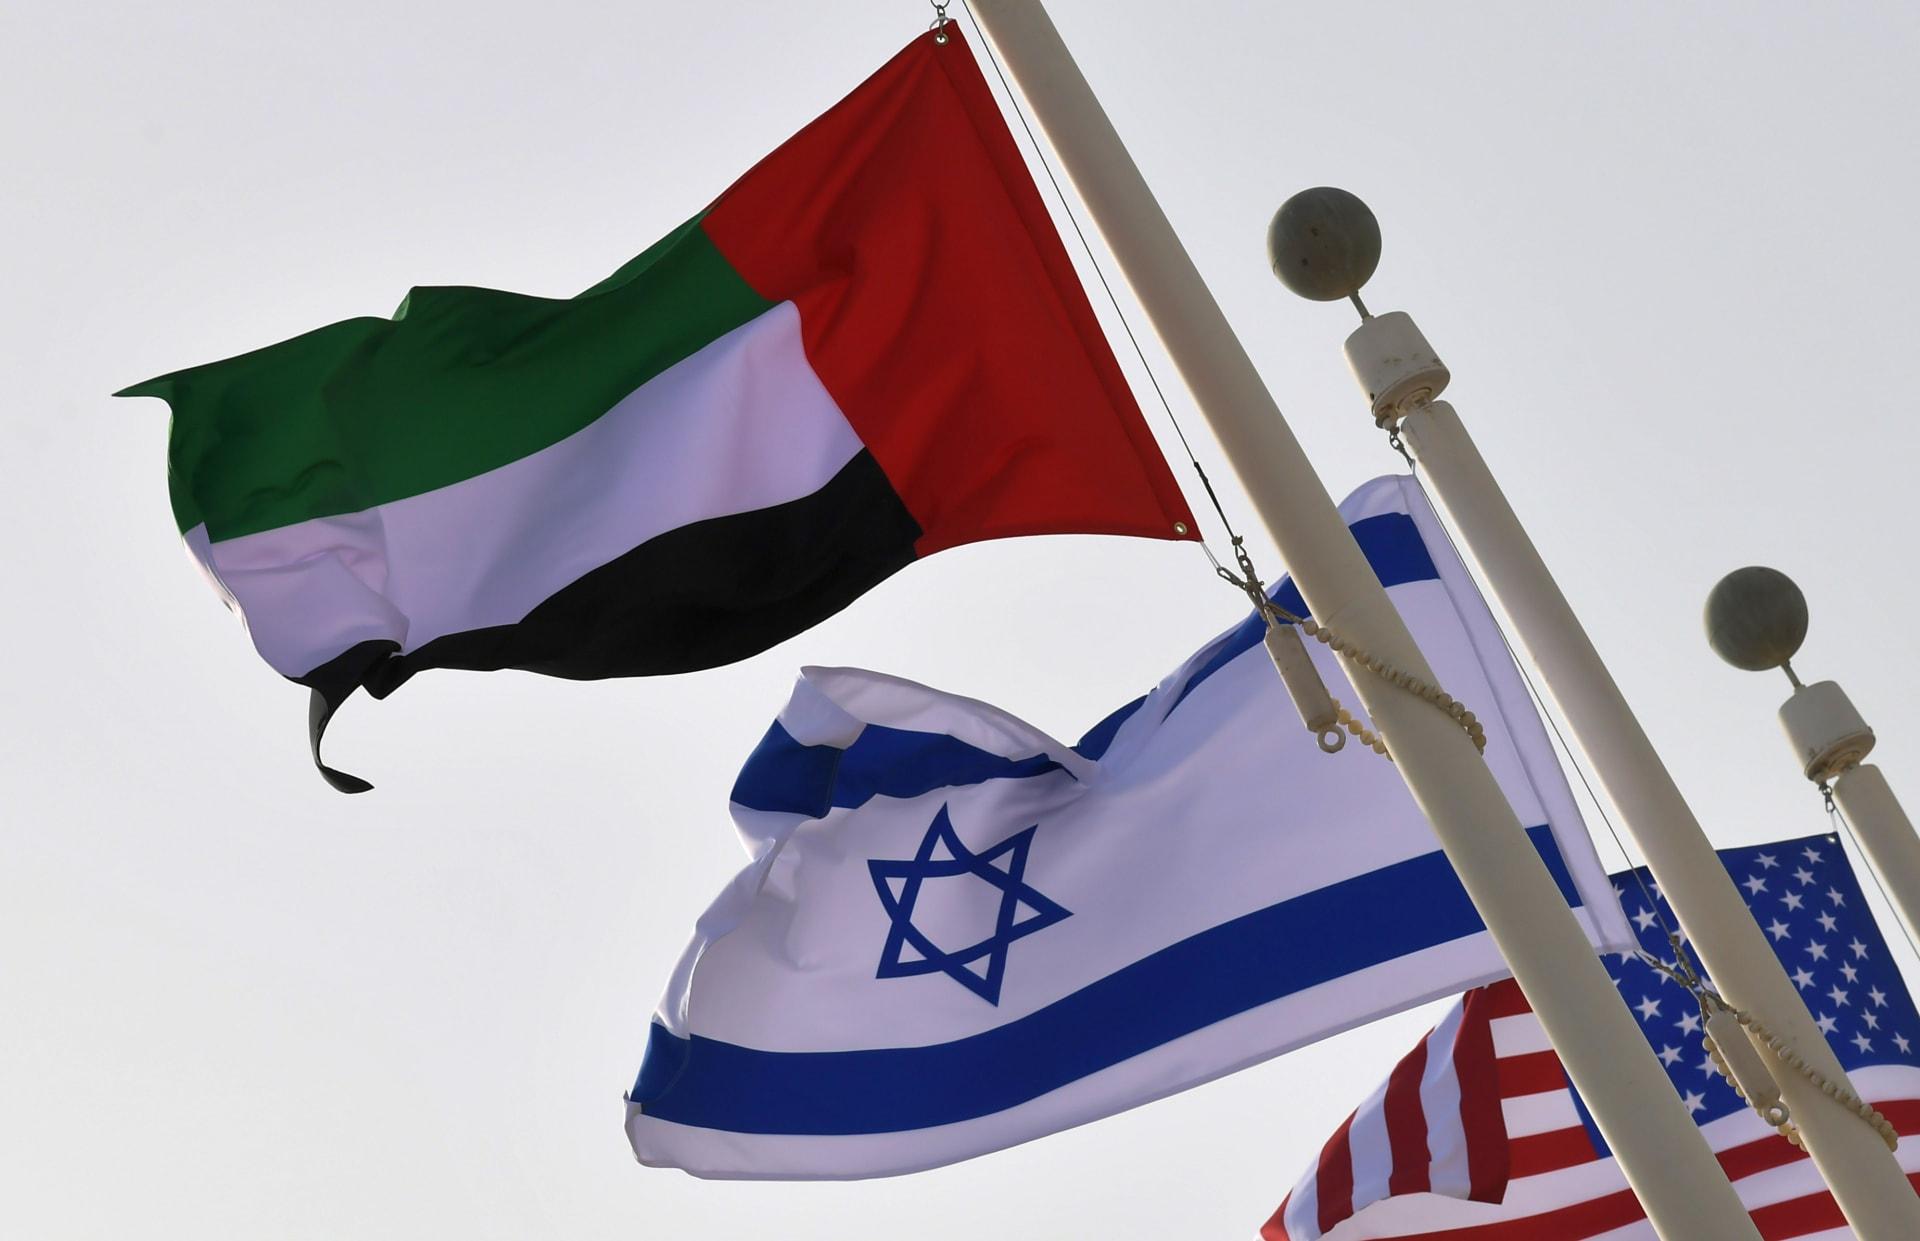 الإمارات تعلن من سيرأس وفدها لتوقيع اتفاقية السلام مع إسرائيل بأمريكا - CNN  Arabic